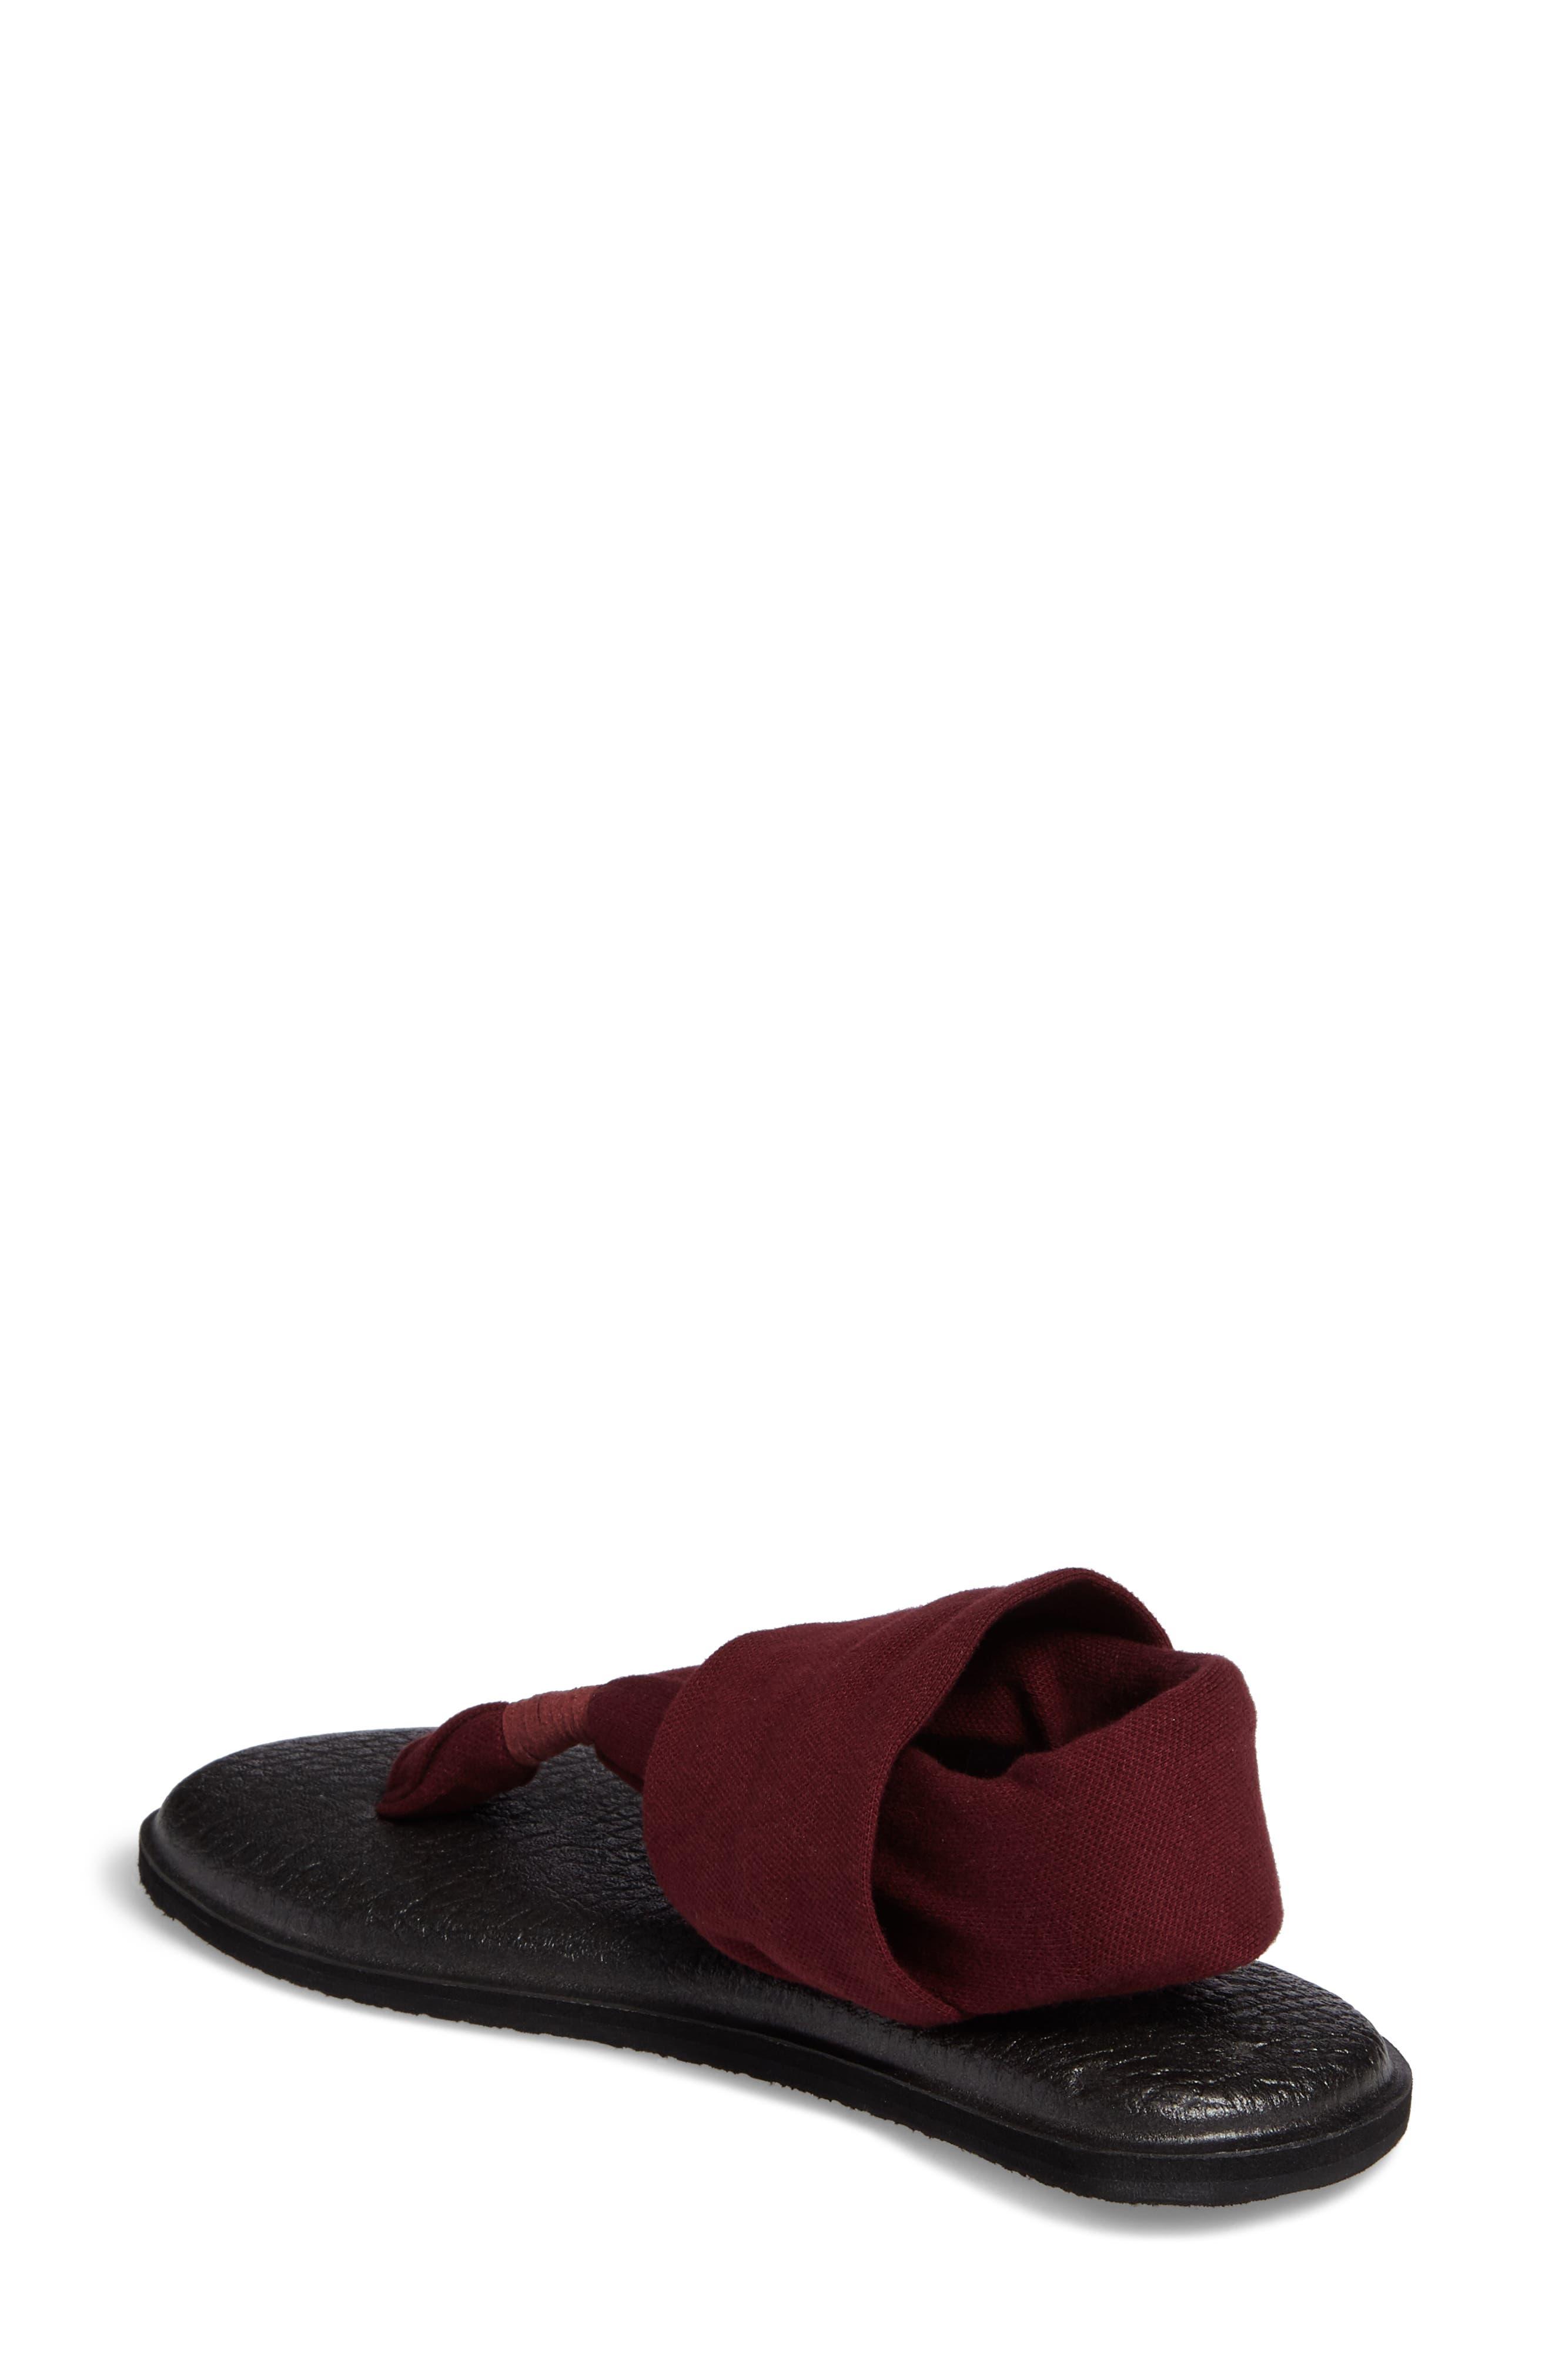 'Yoga Sling 2' Sandal,                             Alternate thumbnail 2, color,                             Burgundy